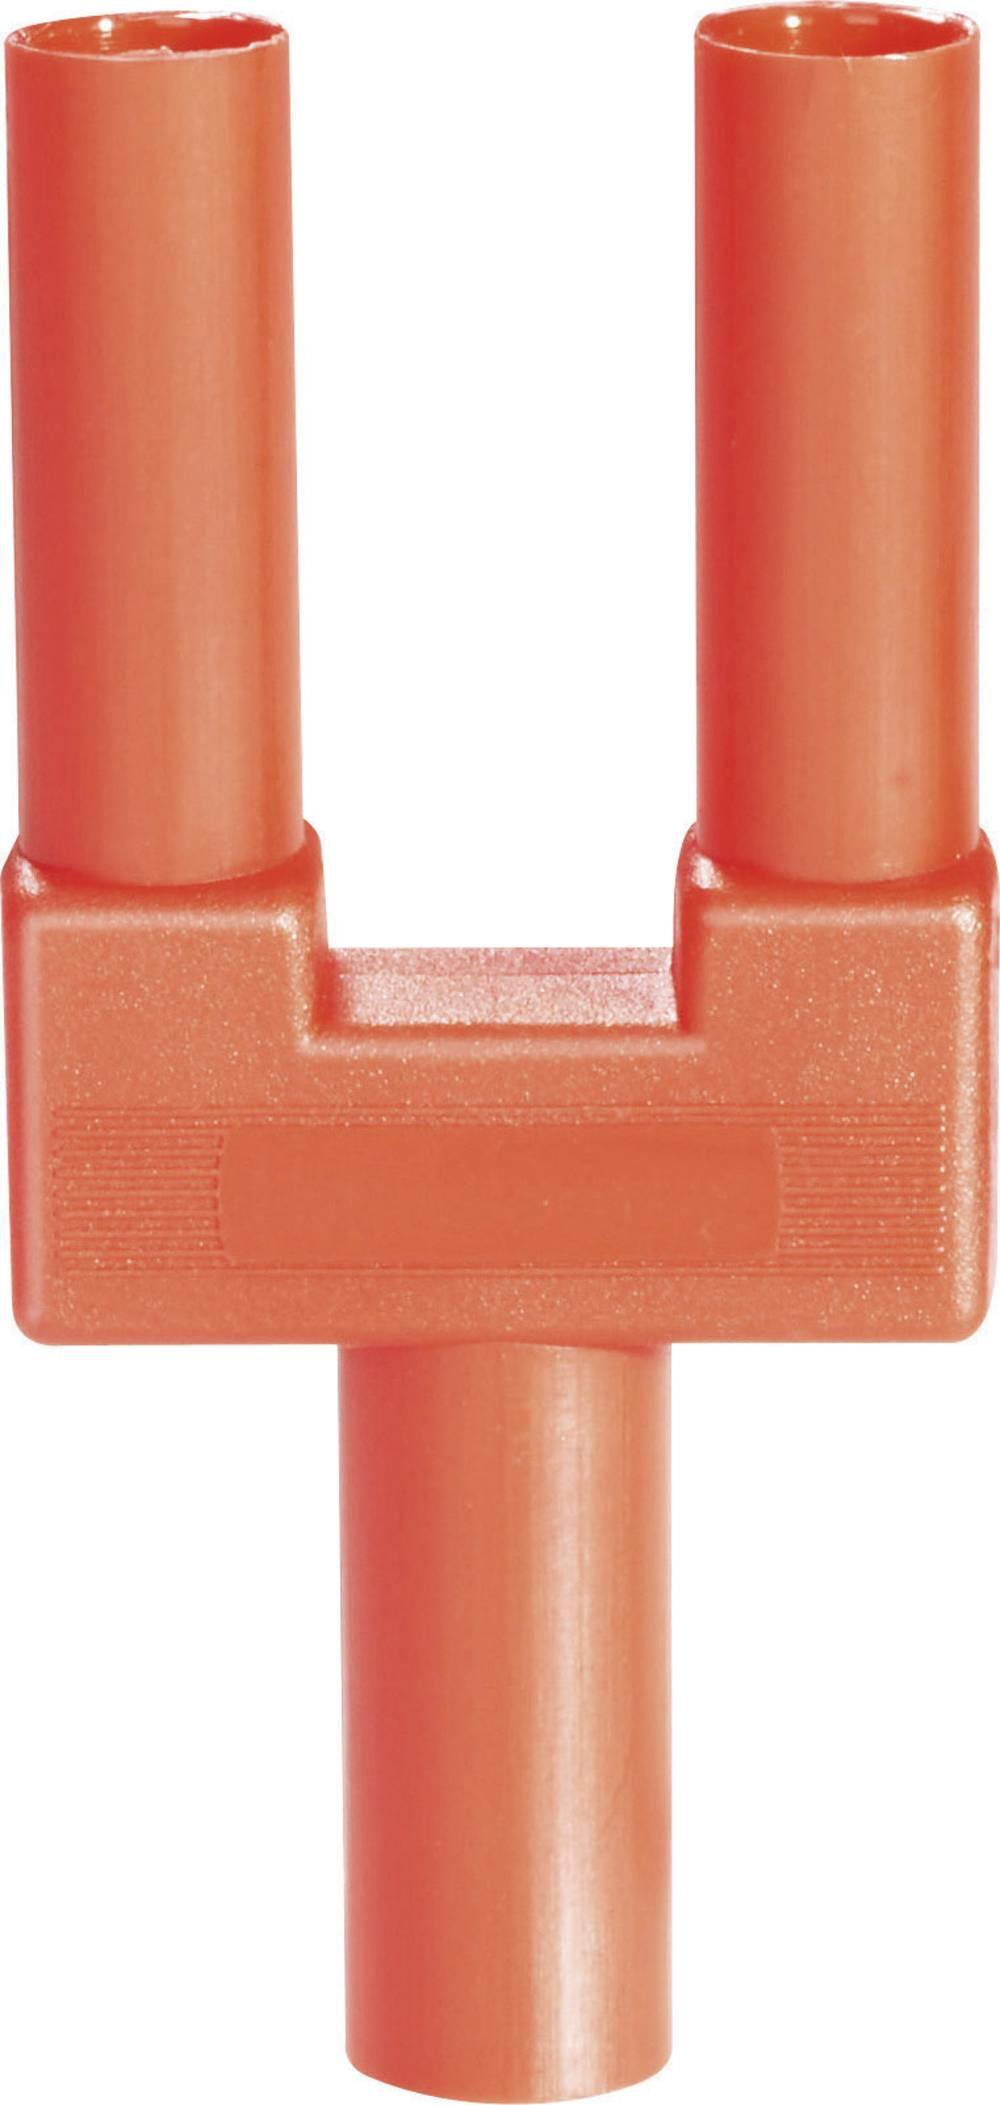 Sikkerhedskortslutningsstik Schnepp SI-FK 19/4 mB rt Stift-diameter: 4 mm 19 mm Rød 1 stk